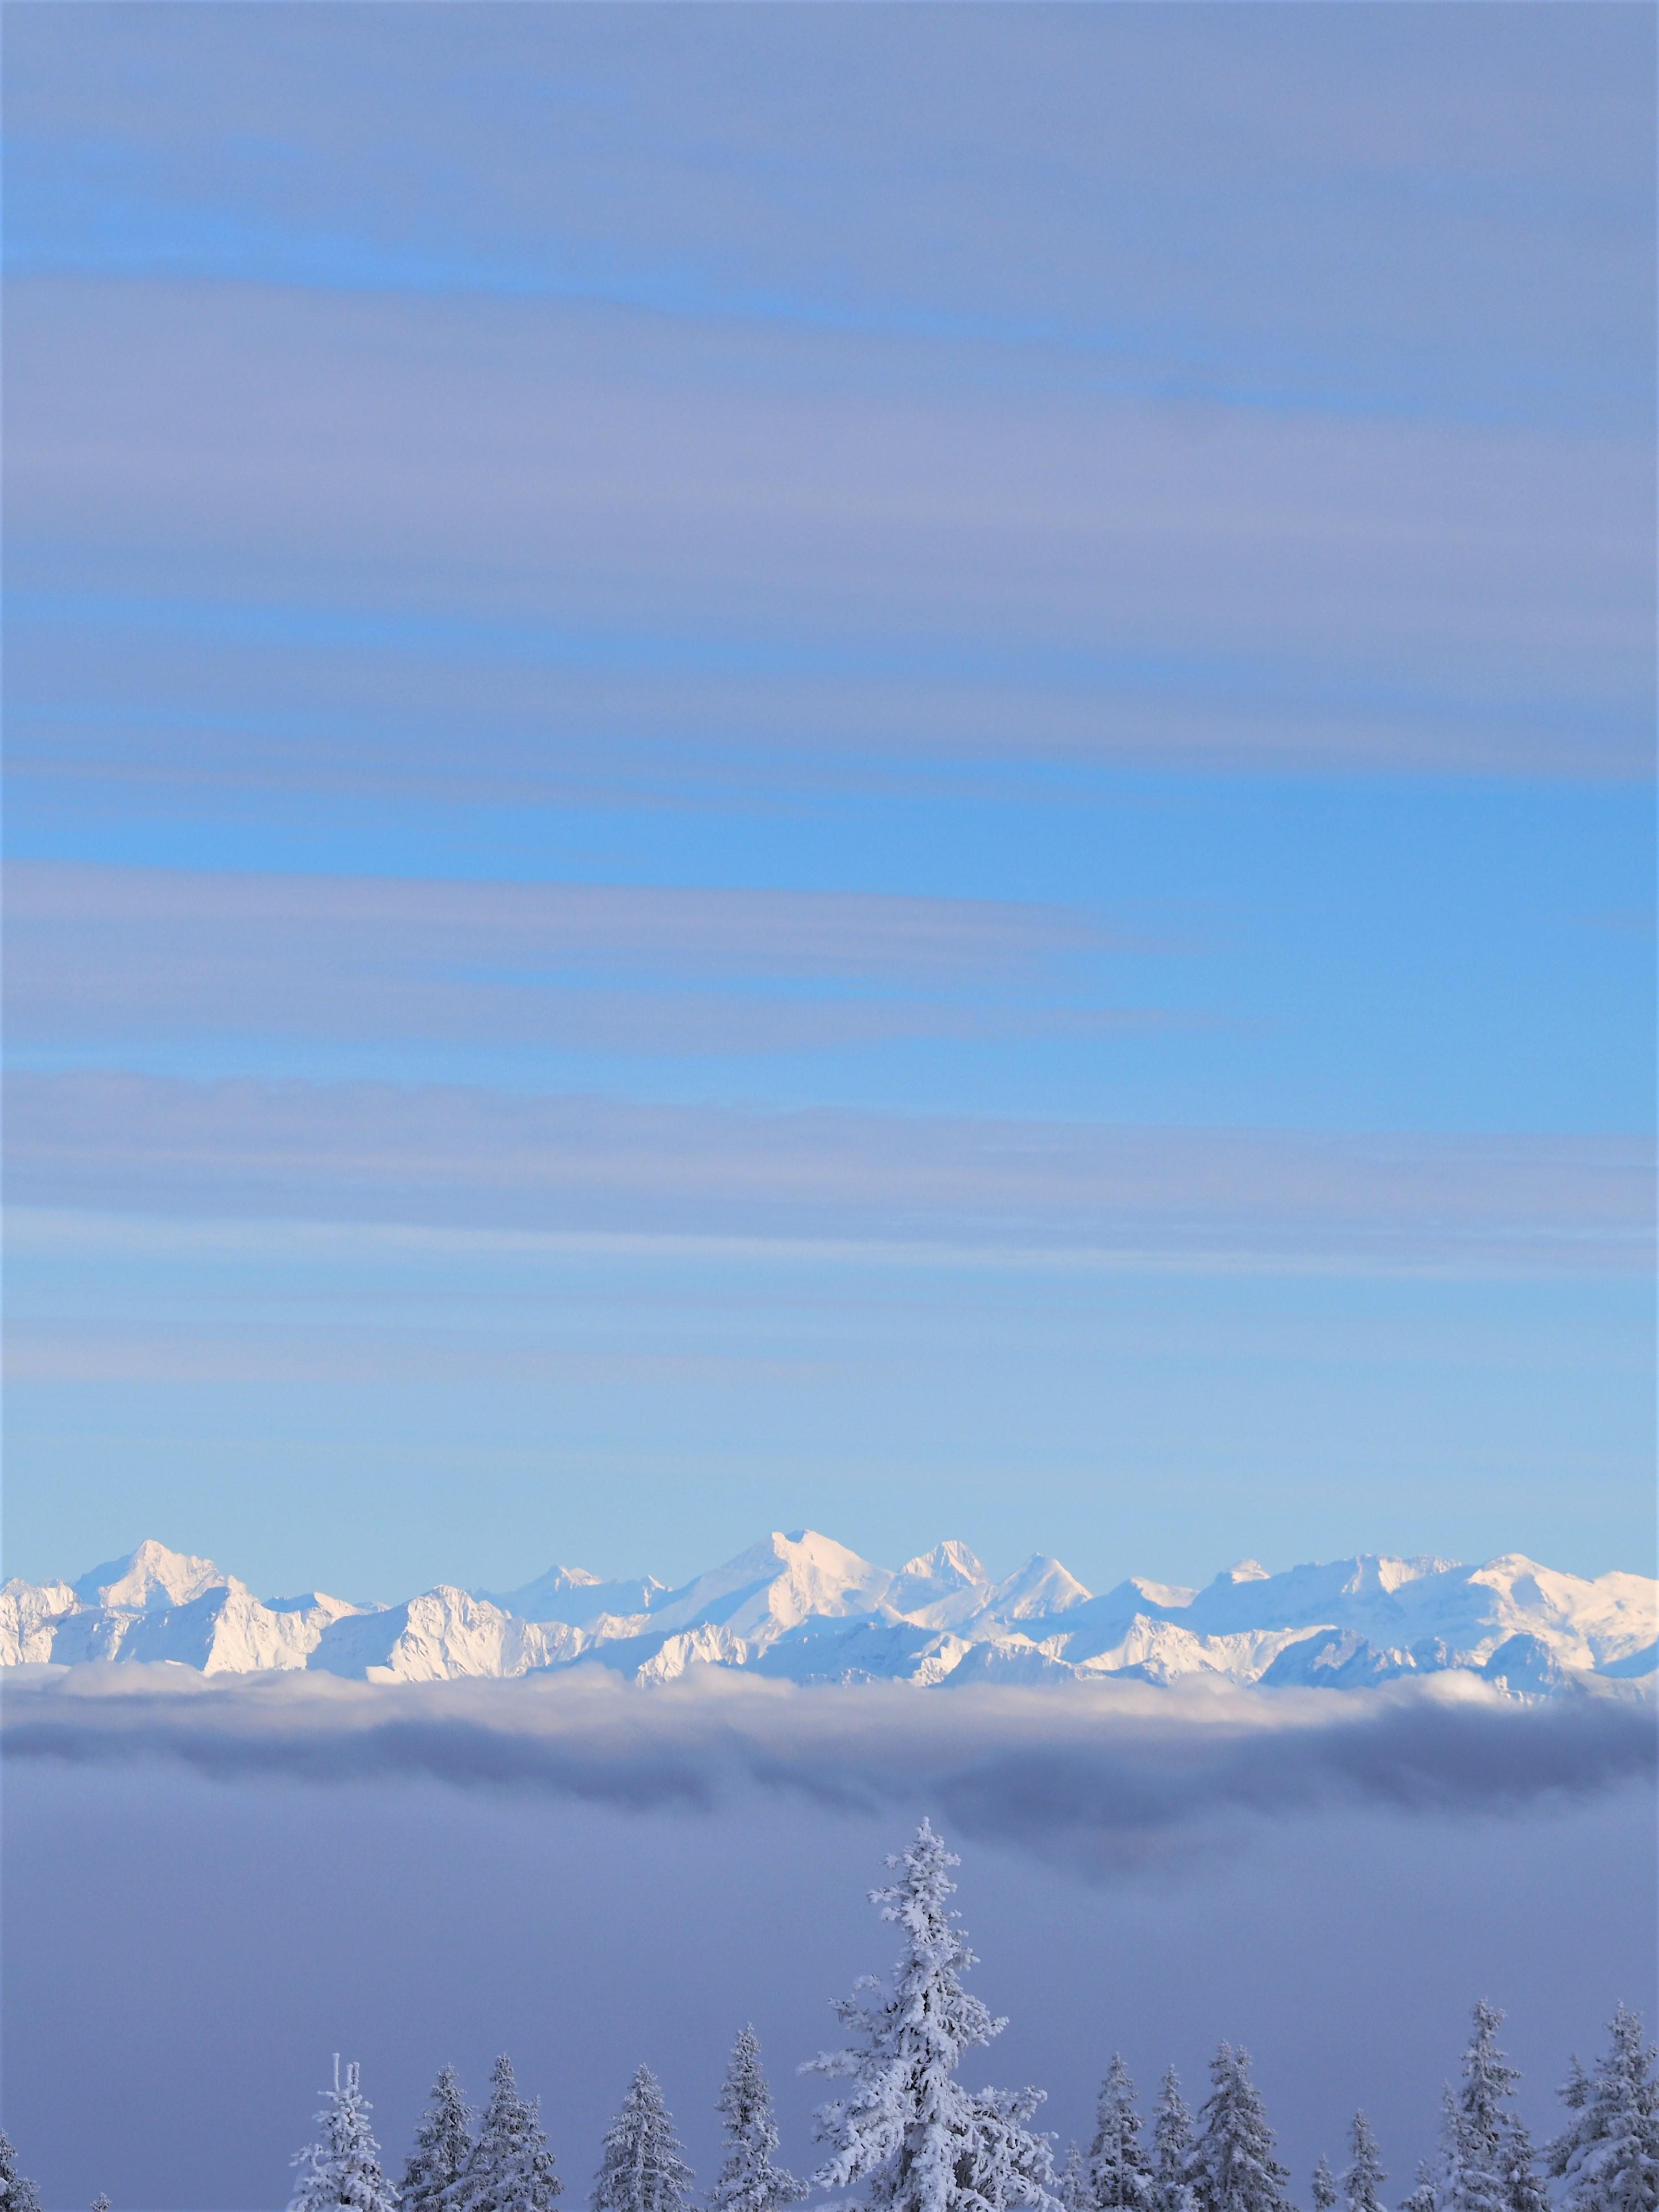 apin-et-alpes-en-face-france-Suisse-Lausanne-Canton-de-Vaud-Jura-Mont-Tendre-randonnee-clioandco-blog-voyage.